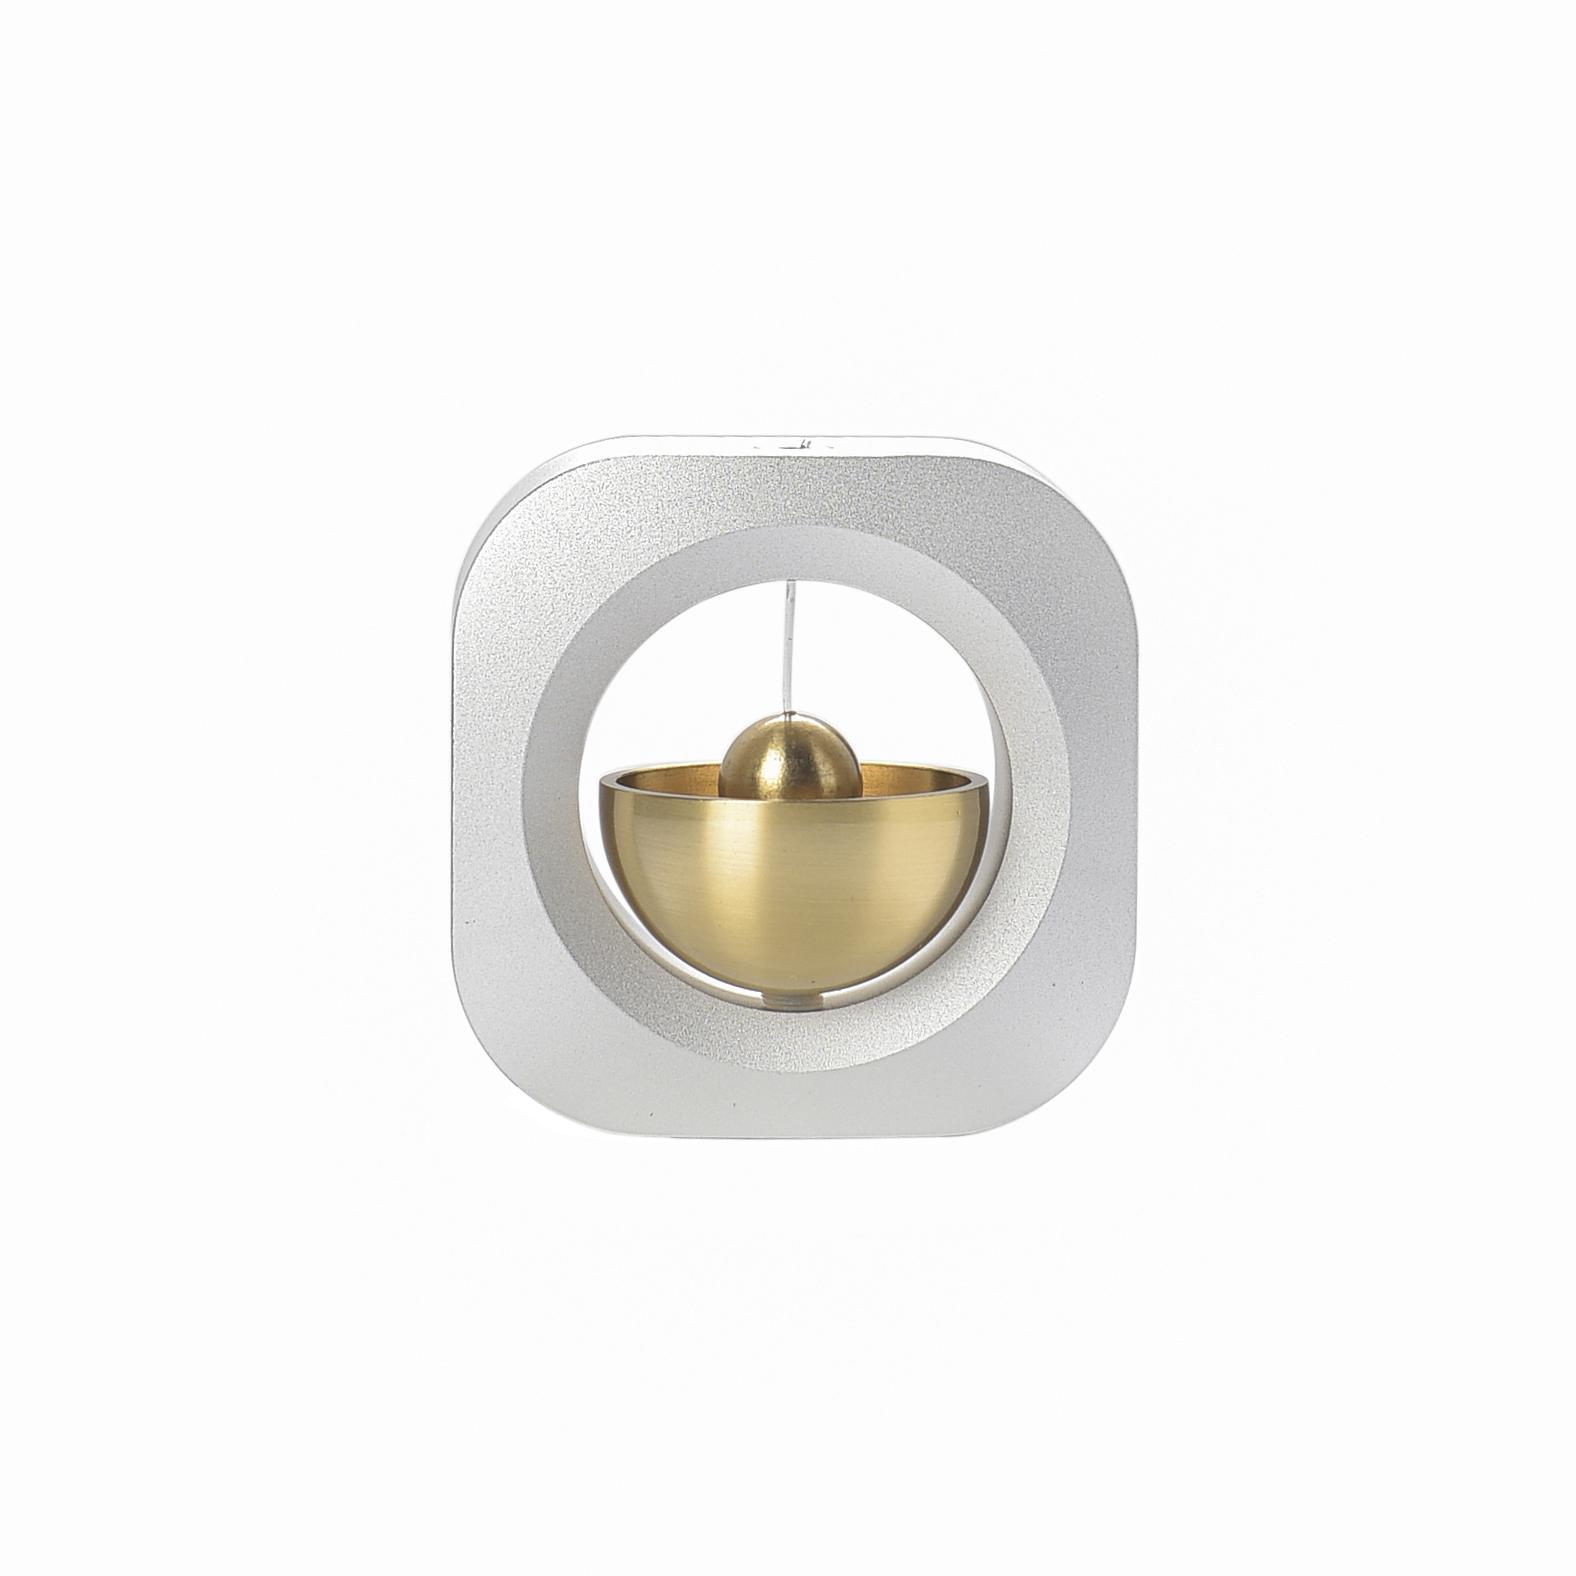 多巴胺吸门式风铃半月船日系纯铜手工铃铛小门铃创意乔迁生日礼物